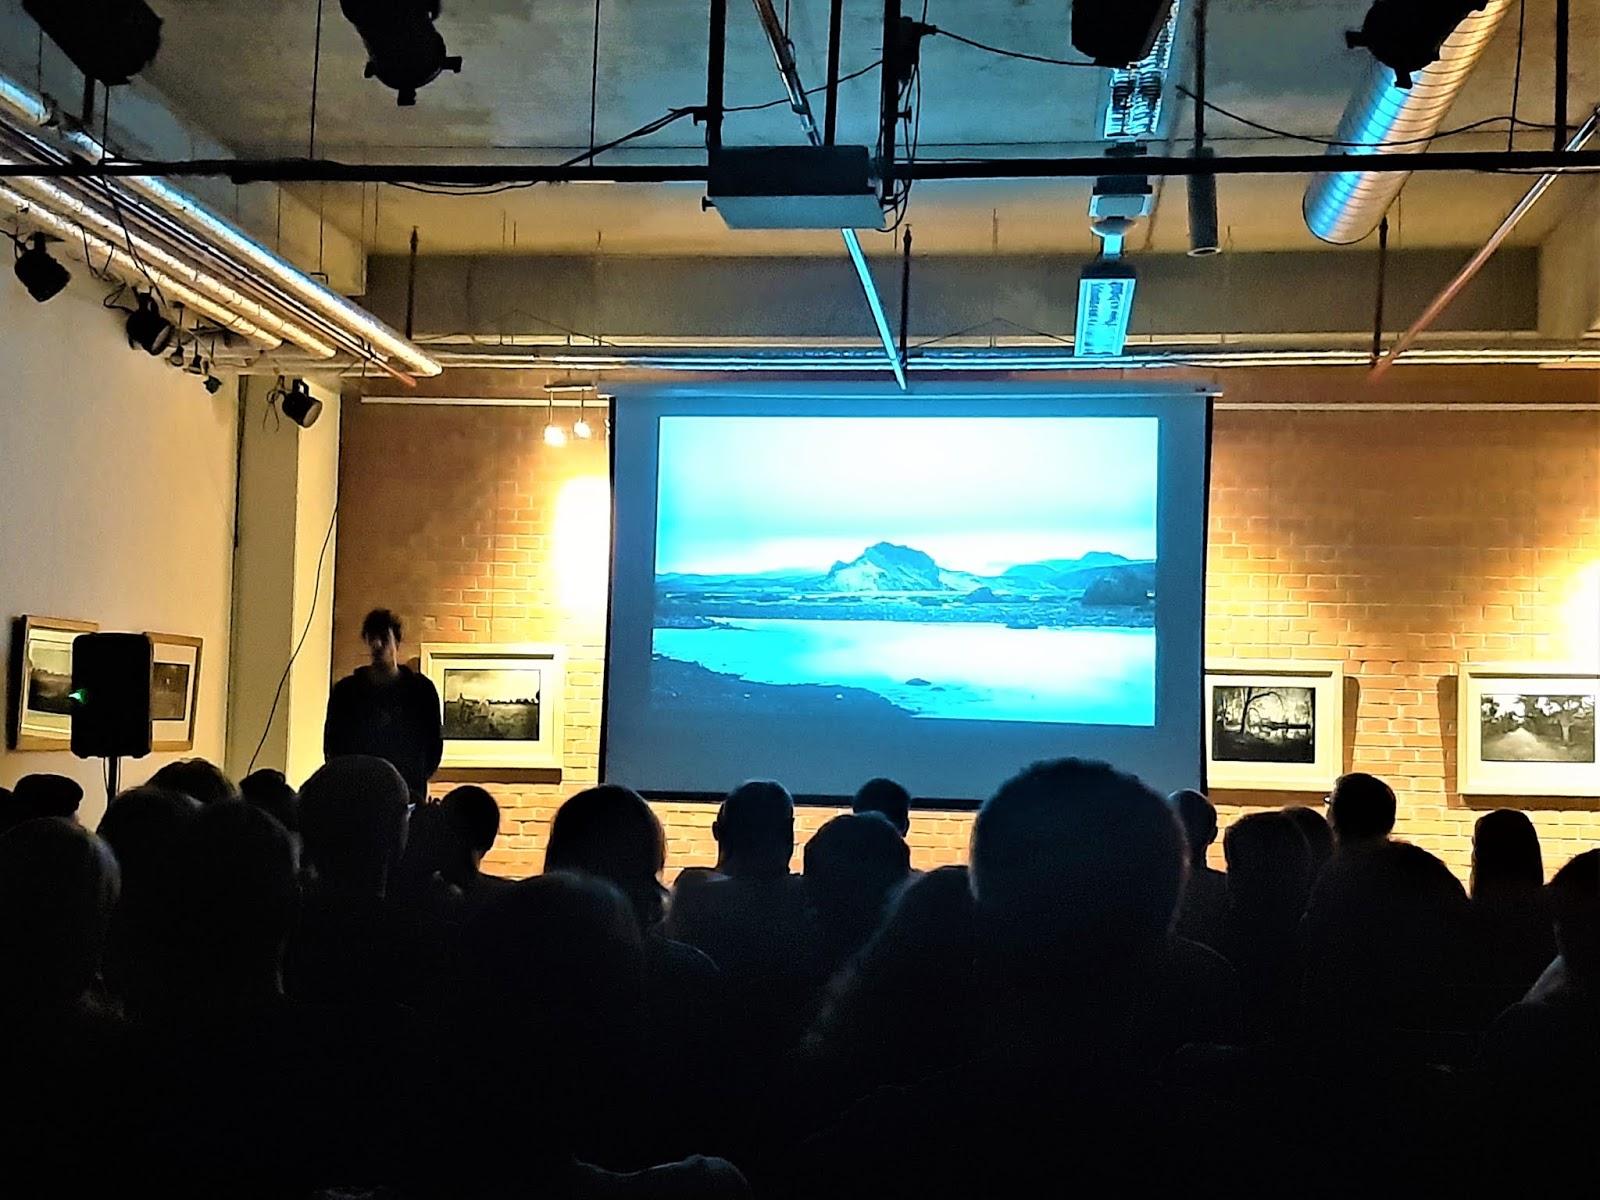 Michal Hubert vykládá o své cestě na Island. Autor: Michaela Jagusztynová